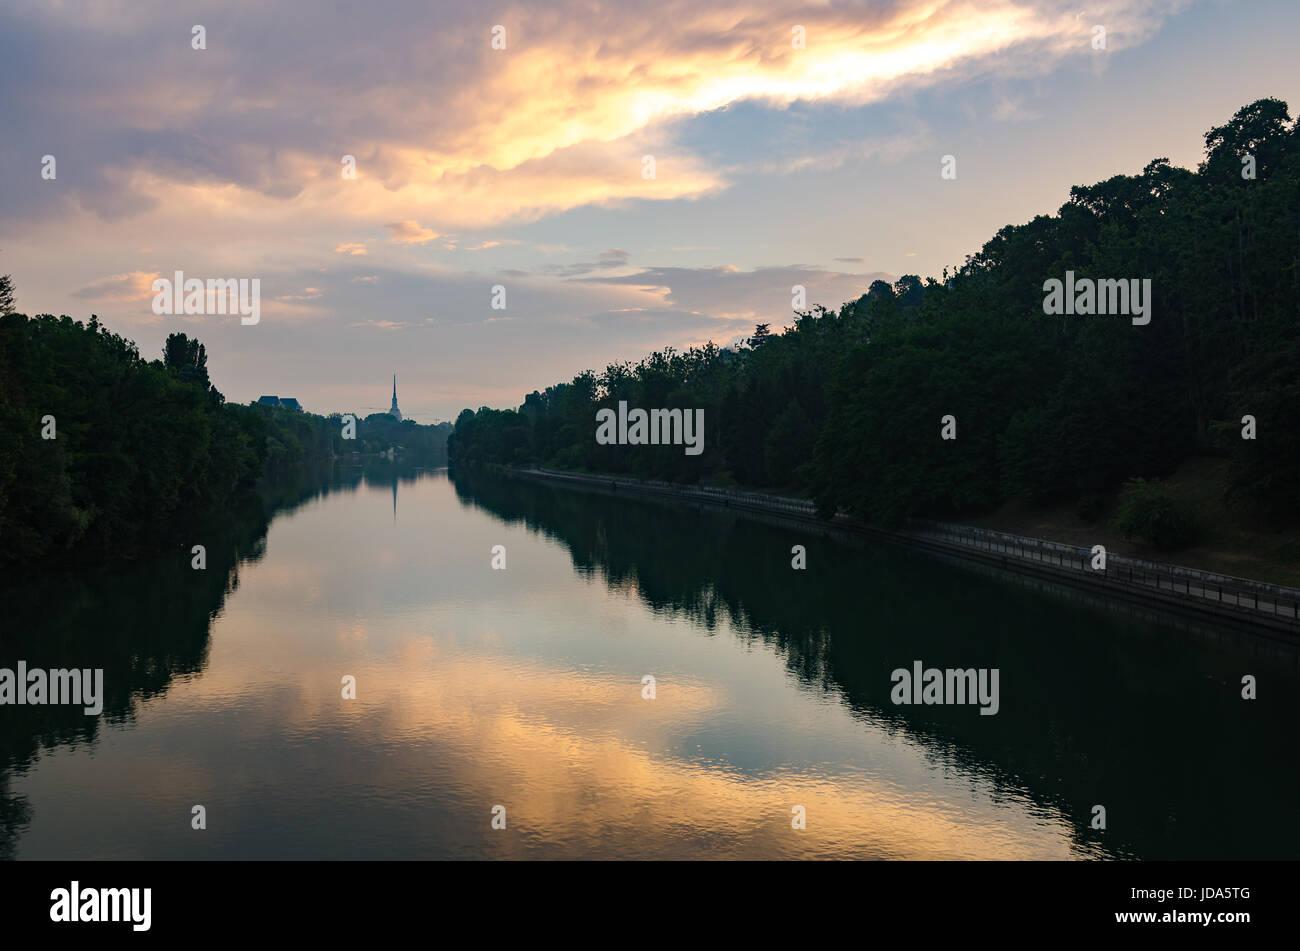 Turín vista escénica en Fiume Po y Mole Antonelliana Foto de stock